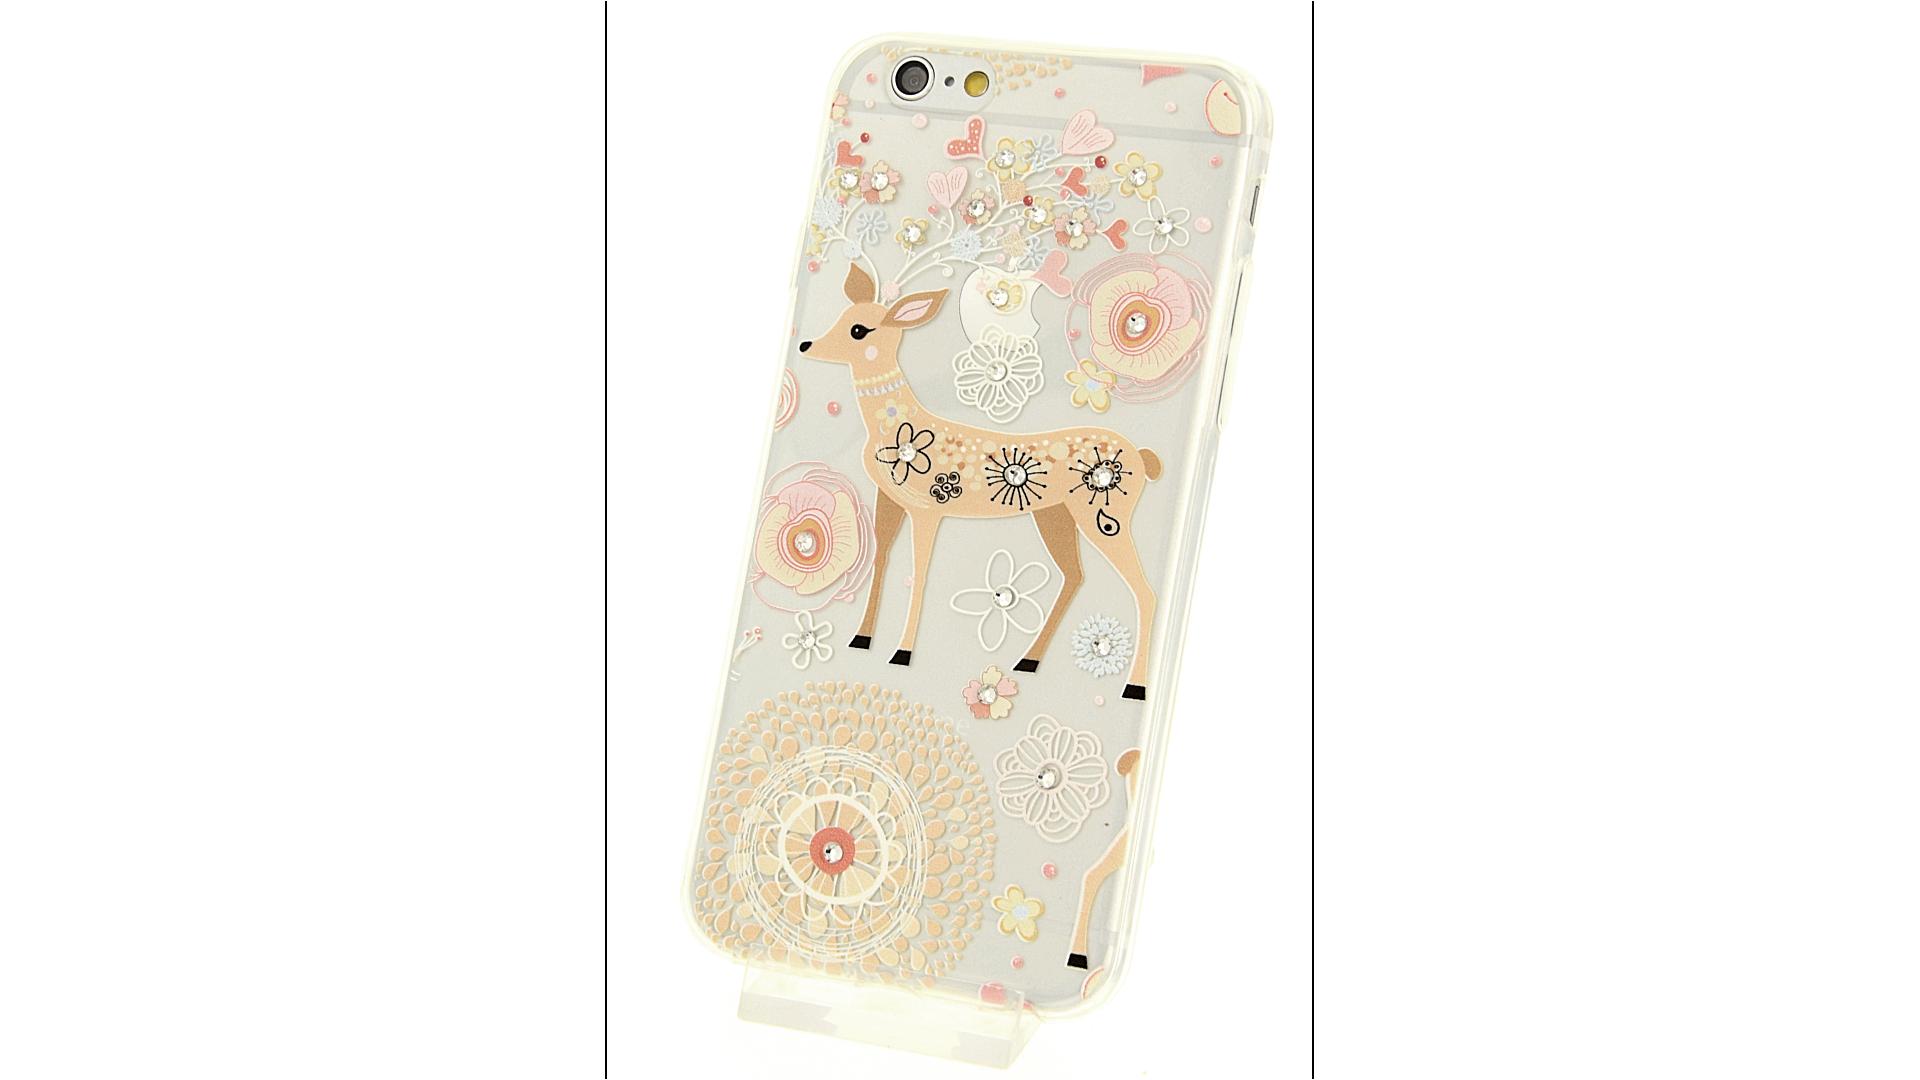 Plastový zadní kryt pro iPhone 6 a iPhone 6S s motivem bambi 920eae07dea